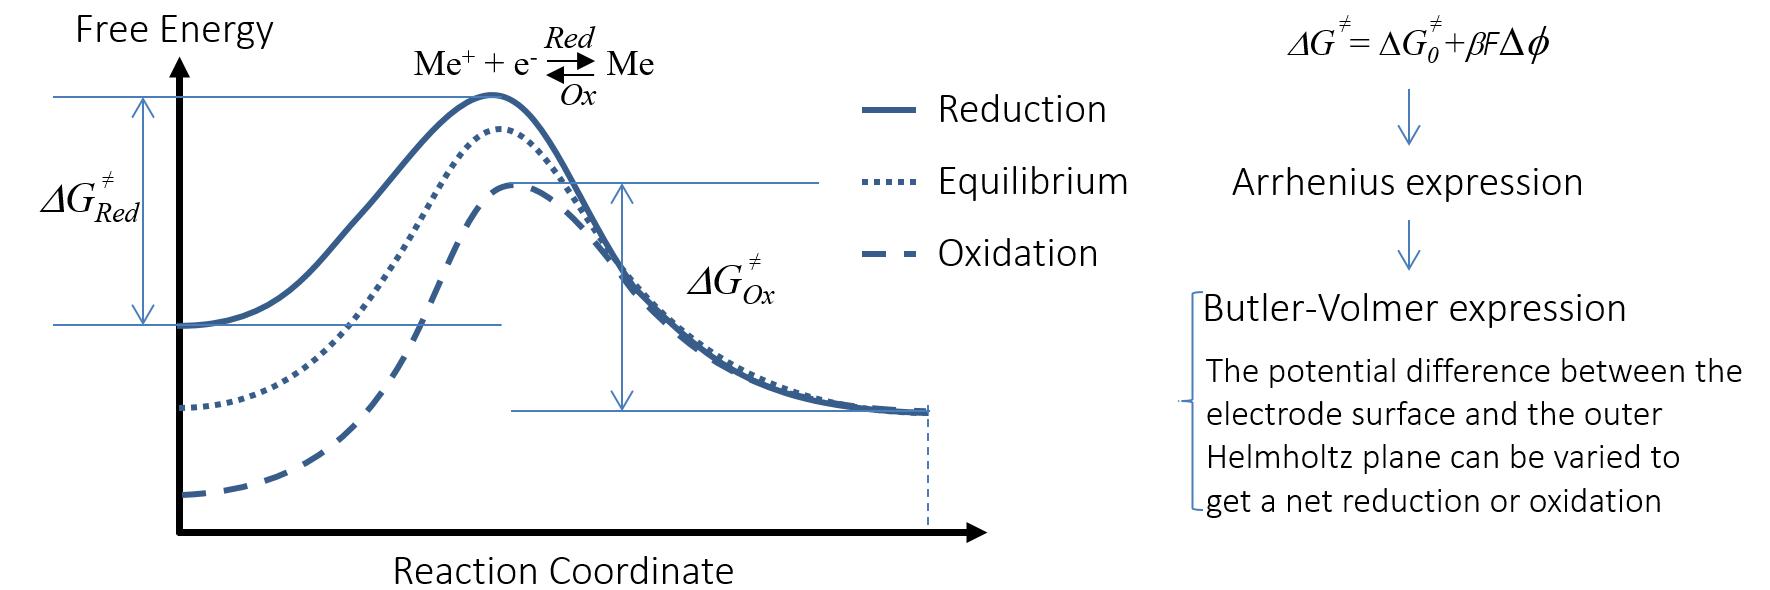 图像阐释了活化能与电荷转移反应速度的变化。